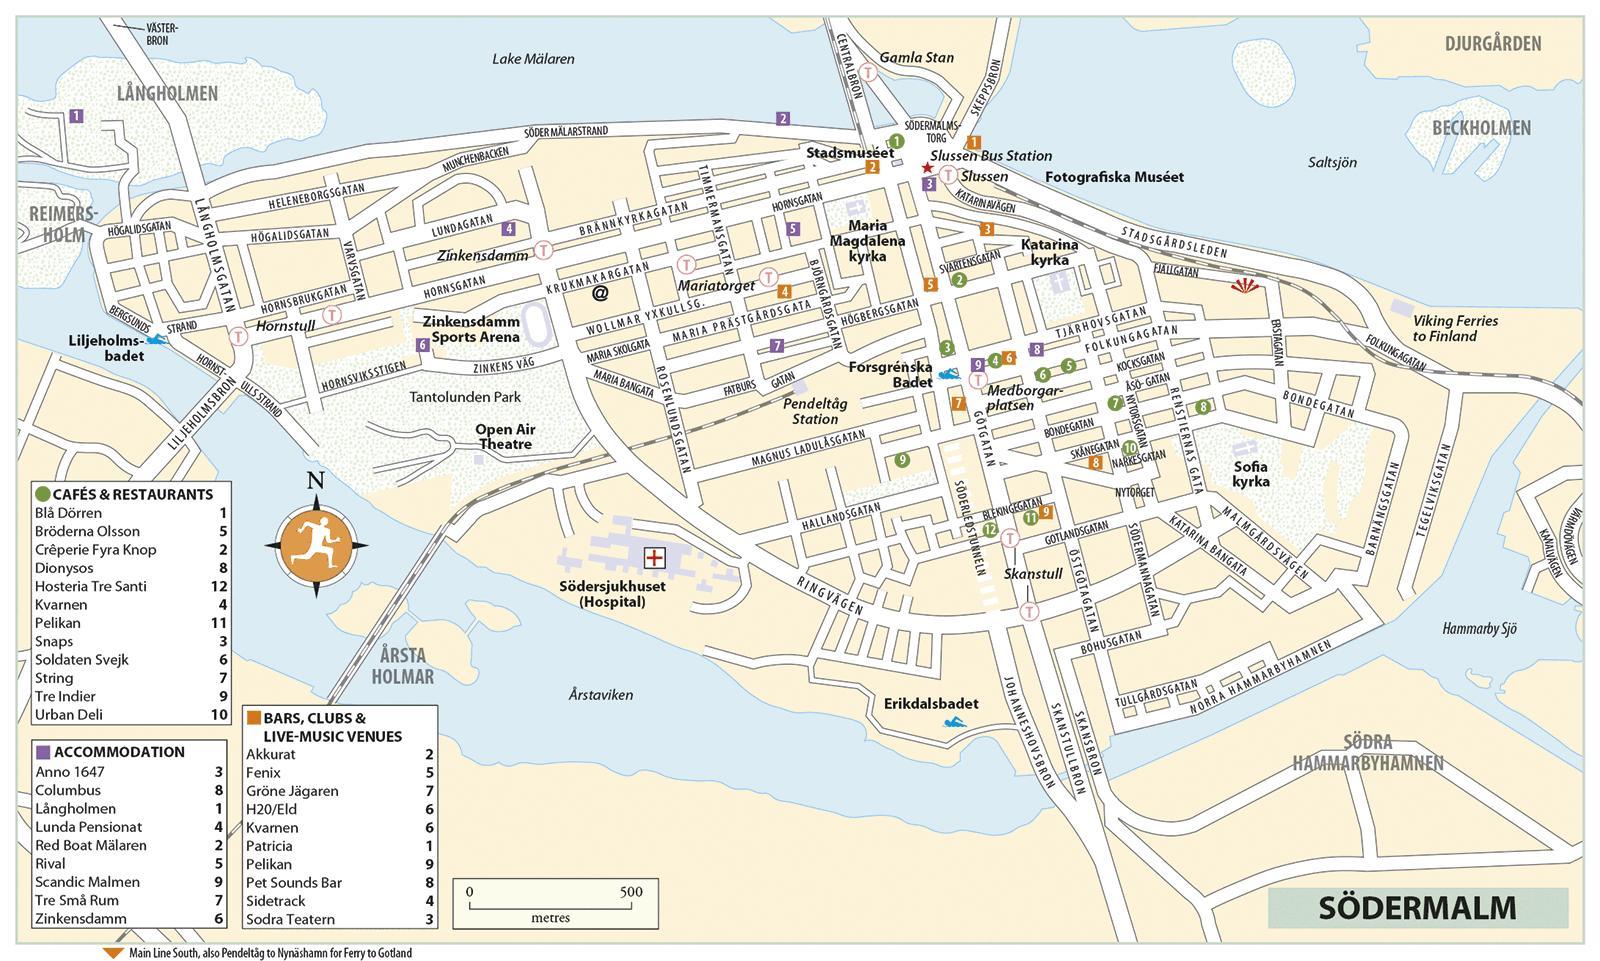 سوديرمالم خريطة خريطة سوديرمالم Sodermanland و أبلاند السويد